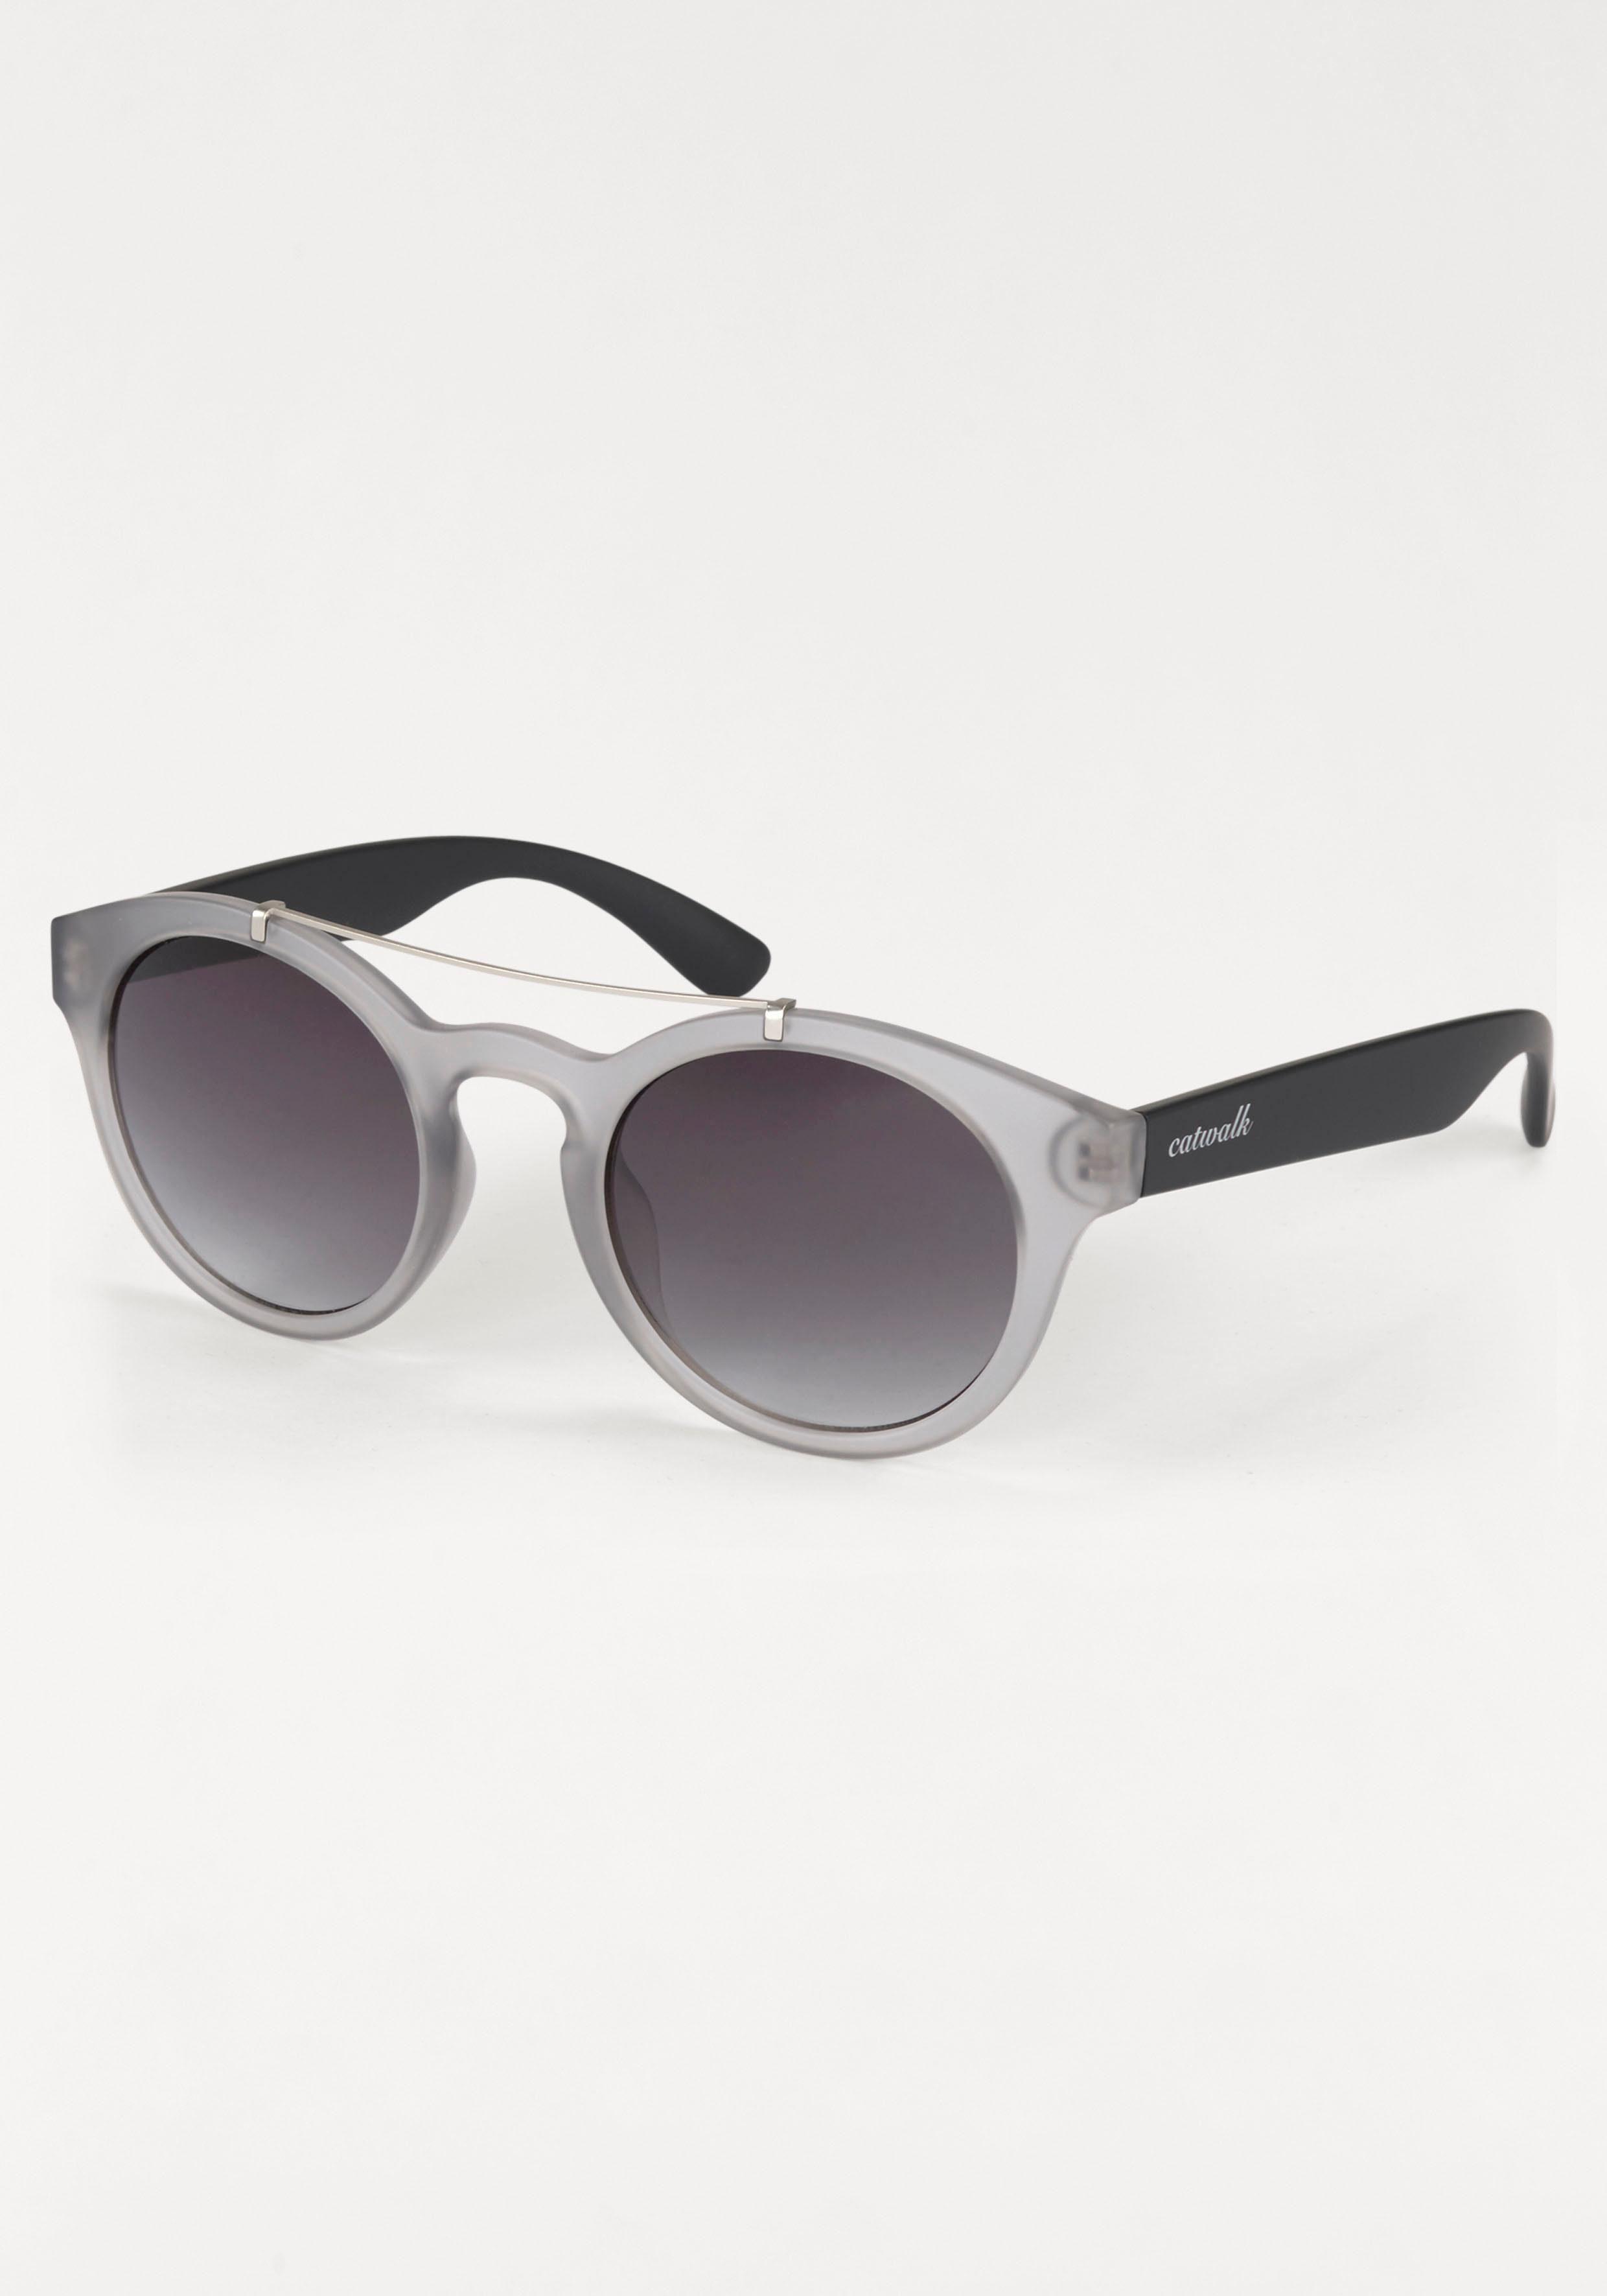 catwalk Eyewear Sonnenbrille, im modischen Design, grau, grau